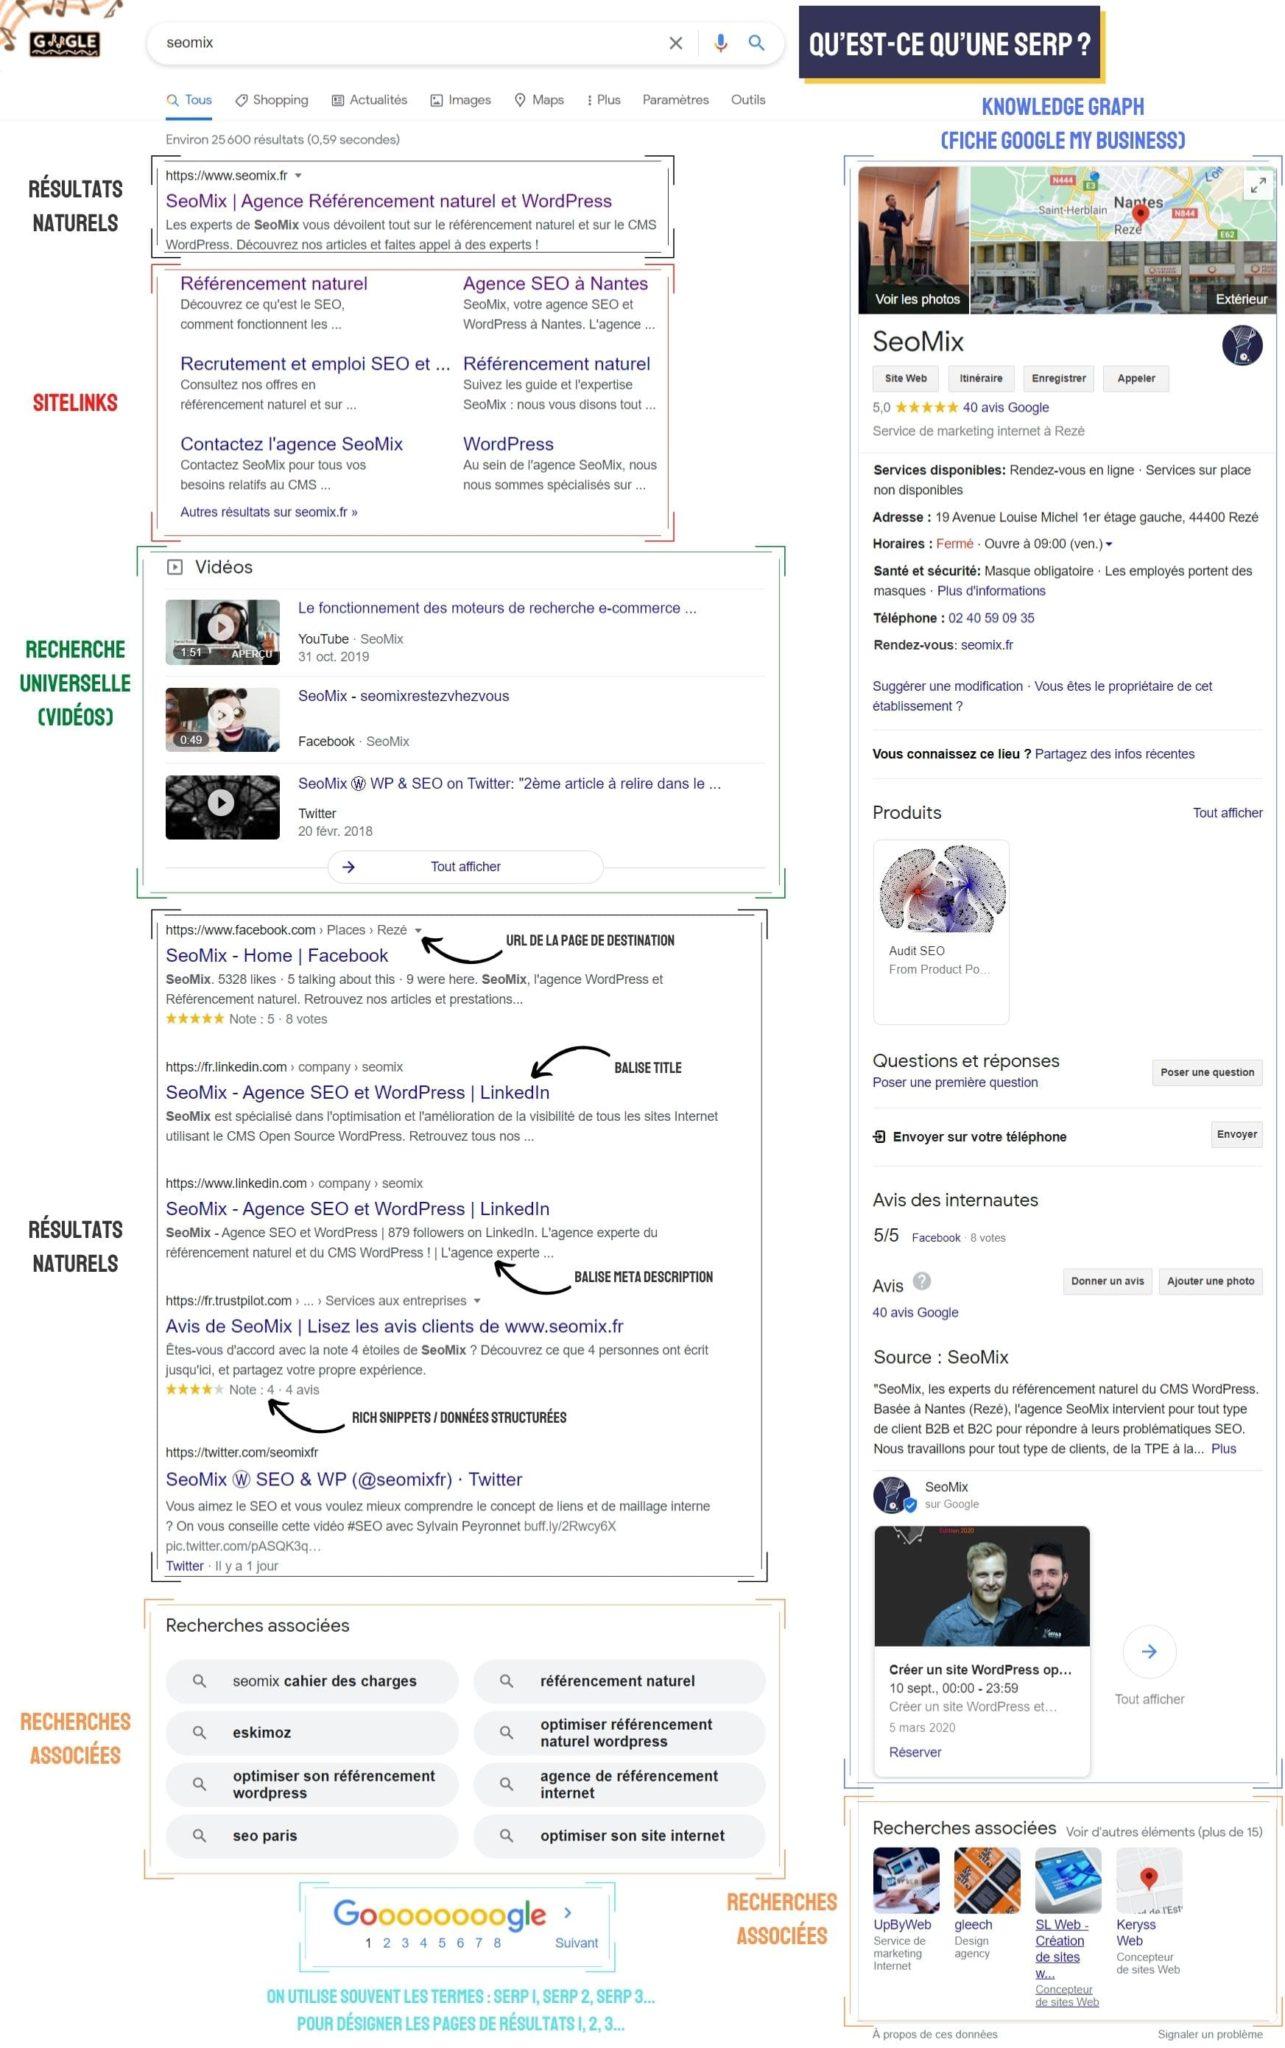 Qu'est-ce qu'une SERP - Search Engine Result Page